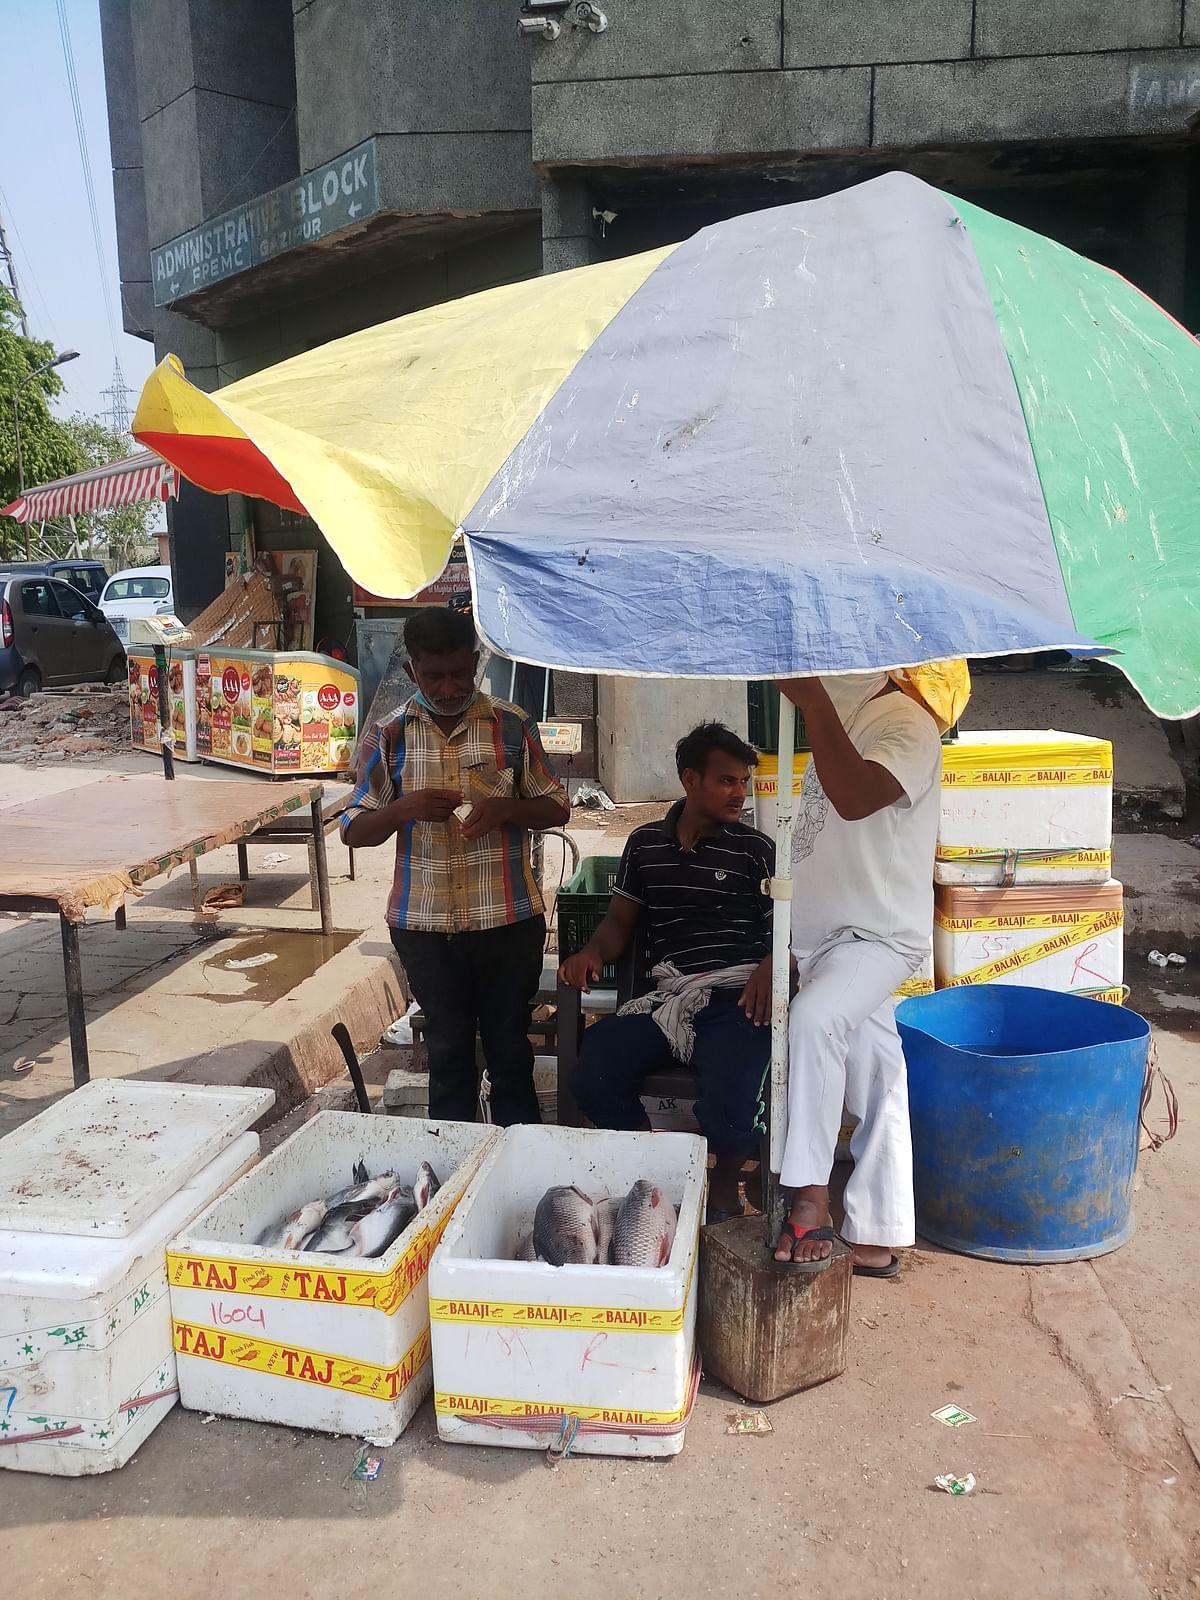 मछली मार्केट में मछलियां बेचते महफूज आलम